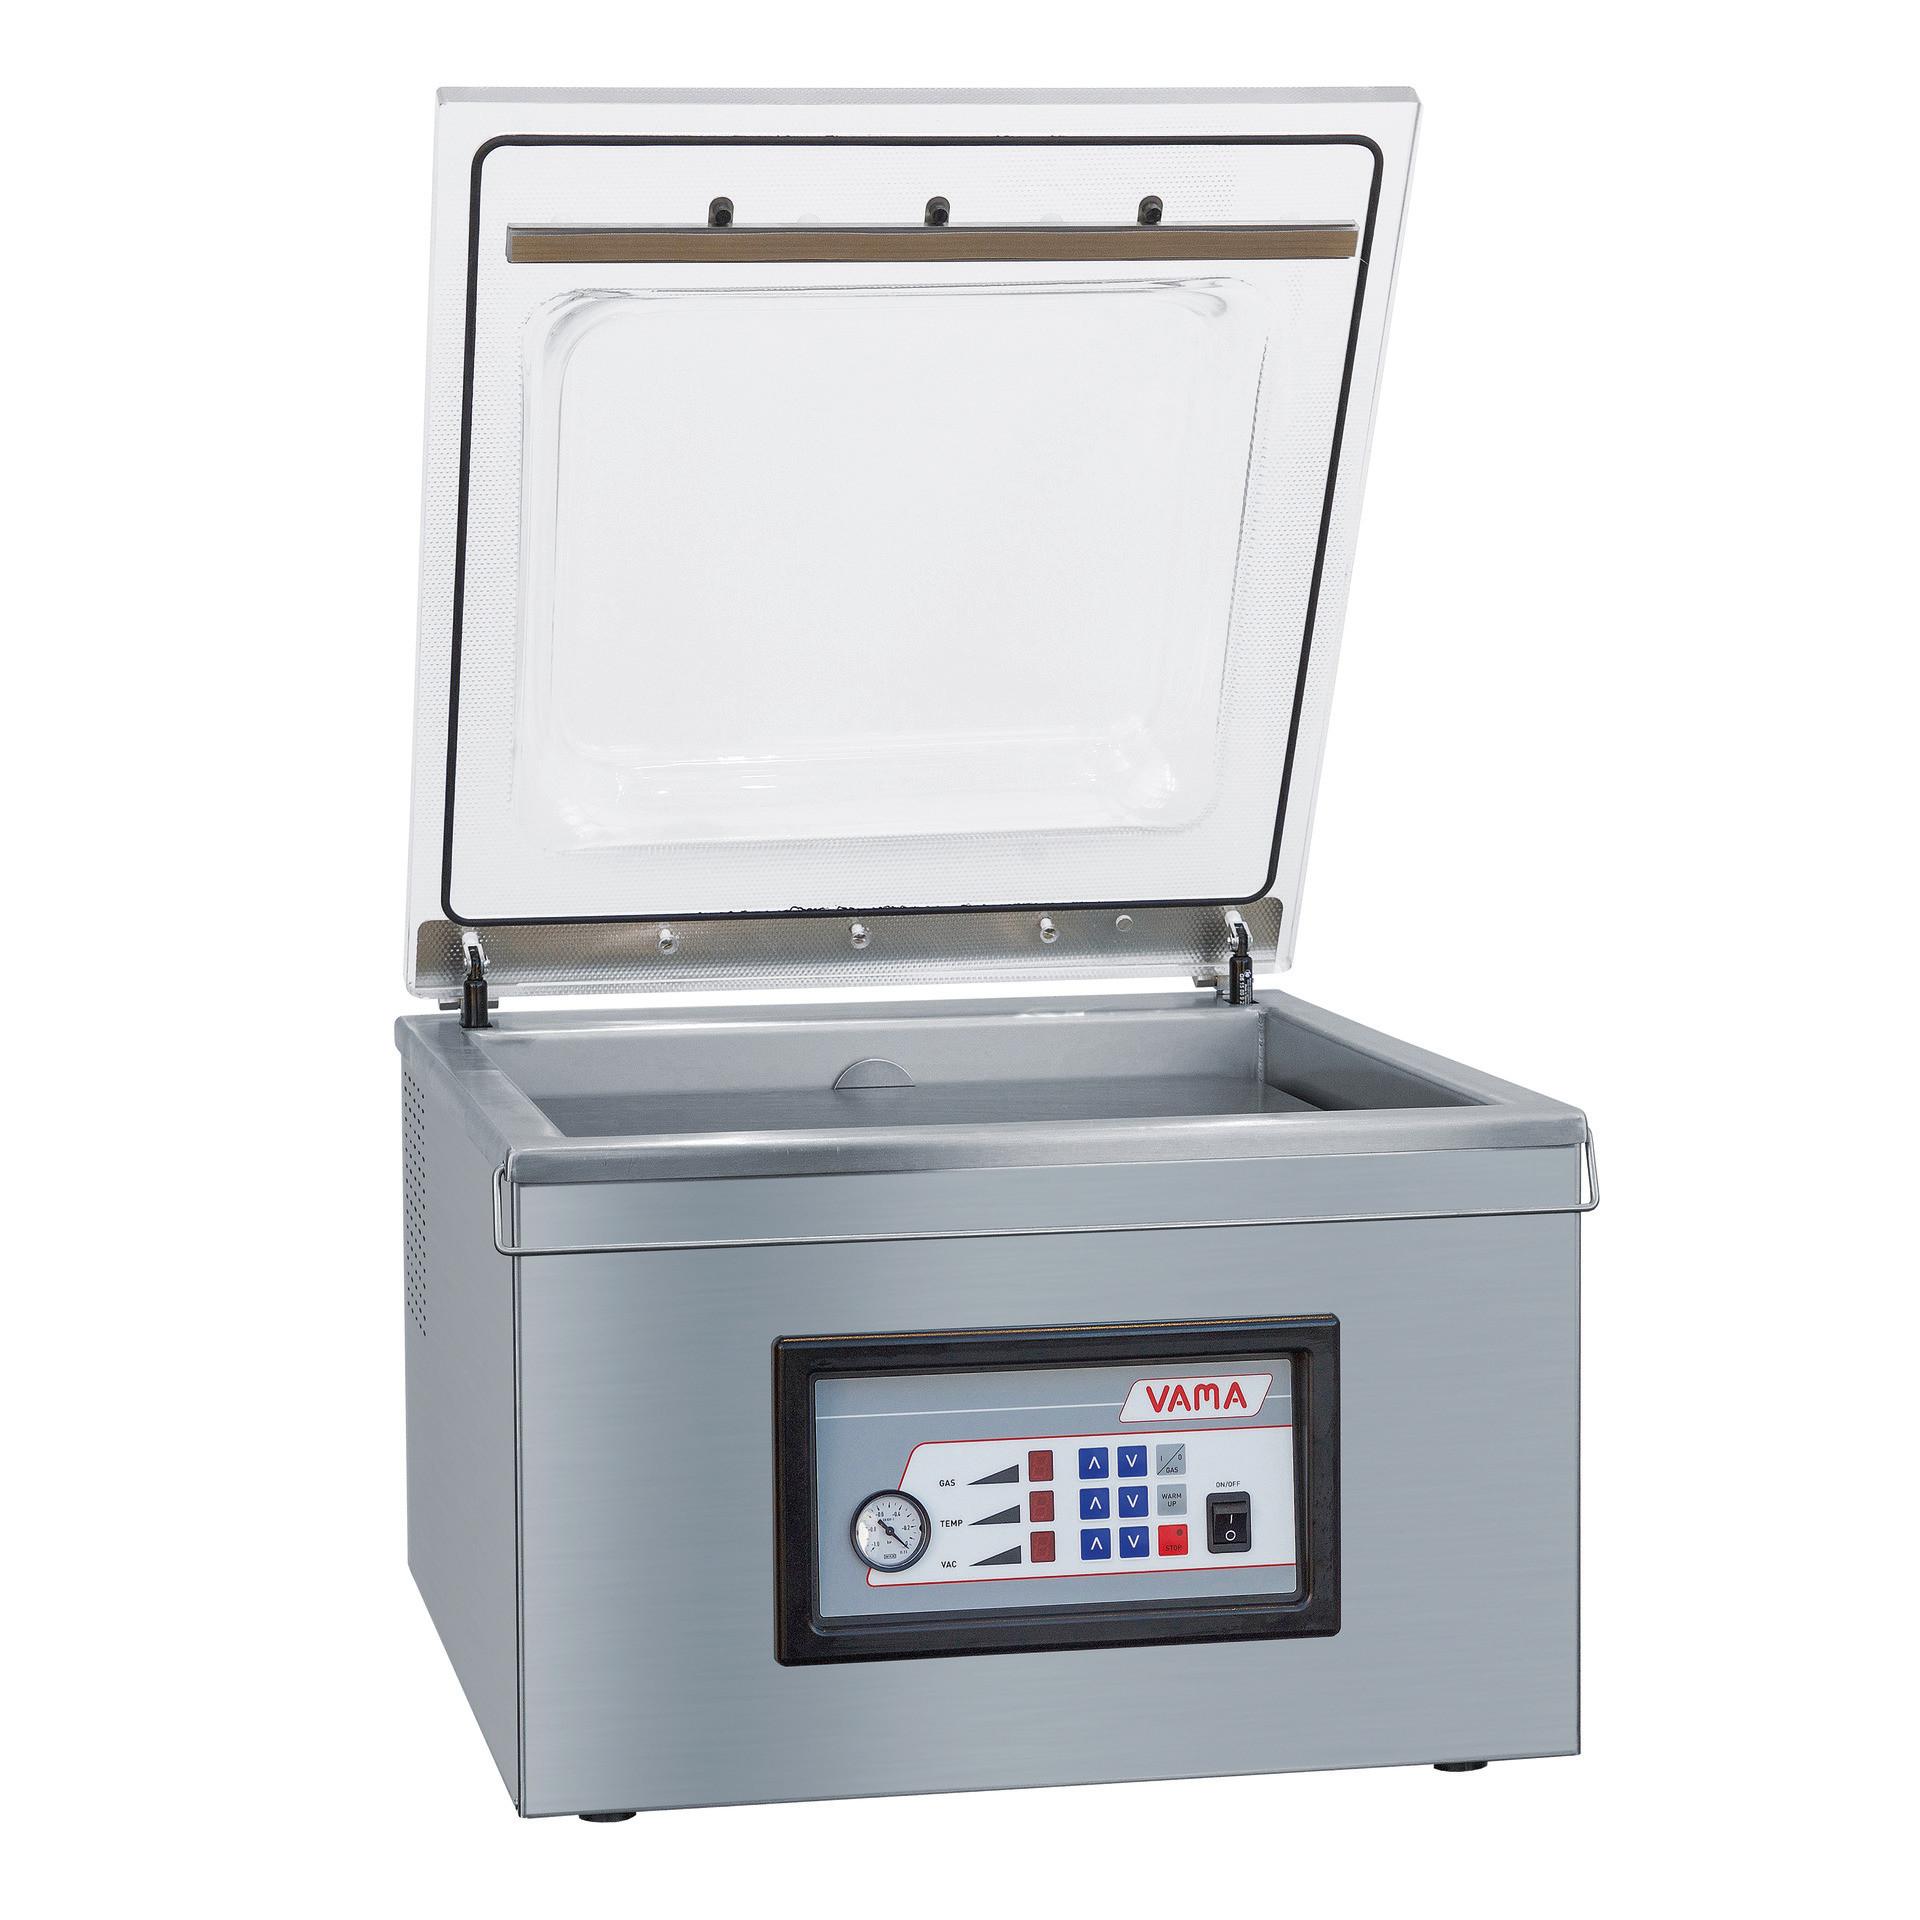 Vakuumiergerät 21 m3/h / Kammer 530 x 530 x 180 mm / VacBox 510